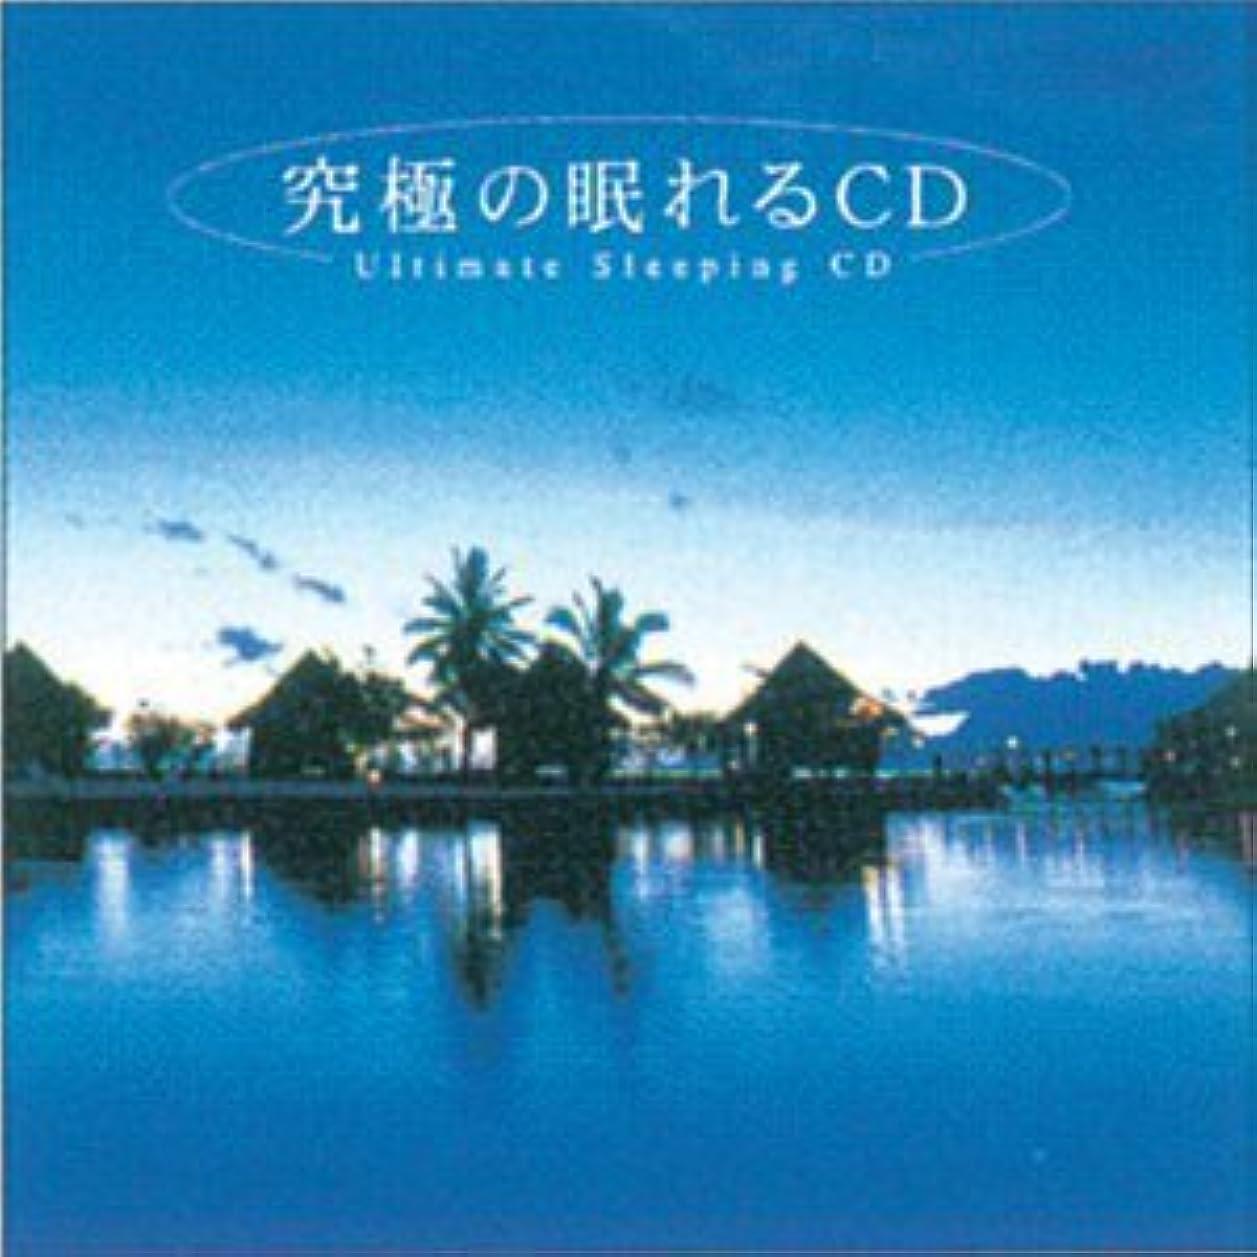 どちらか圧倒的インク【メディカルブック】 リラクゼーションCD 究極の眠れるCD(60分) (SI-407L)